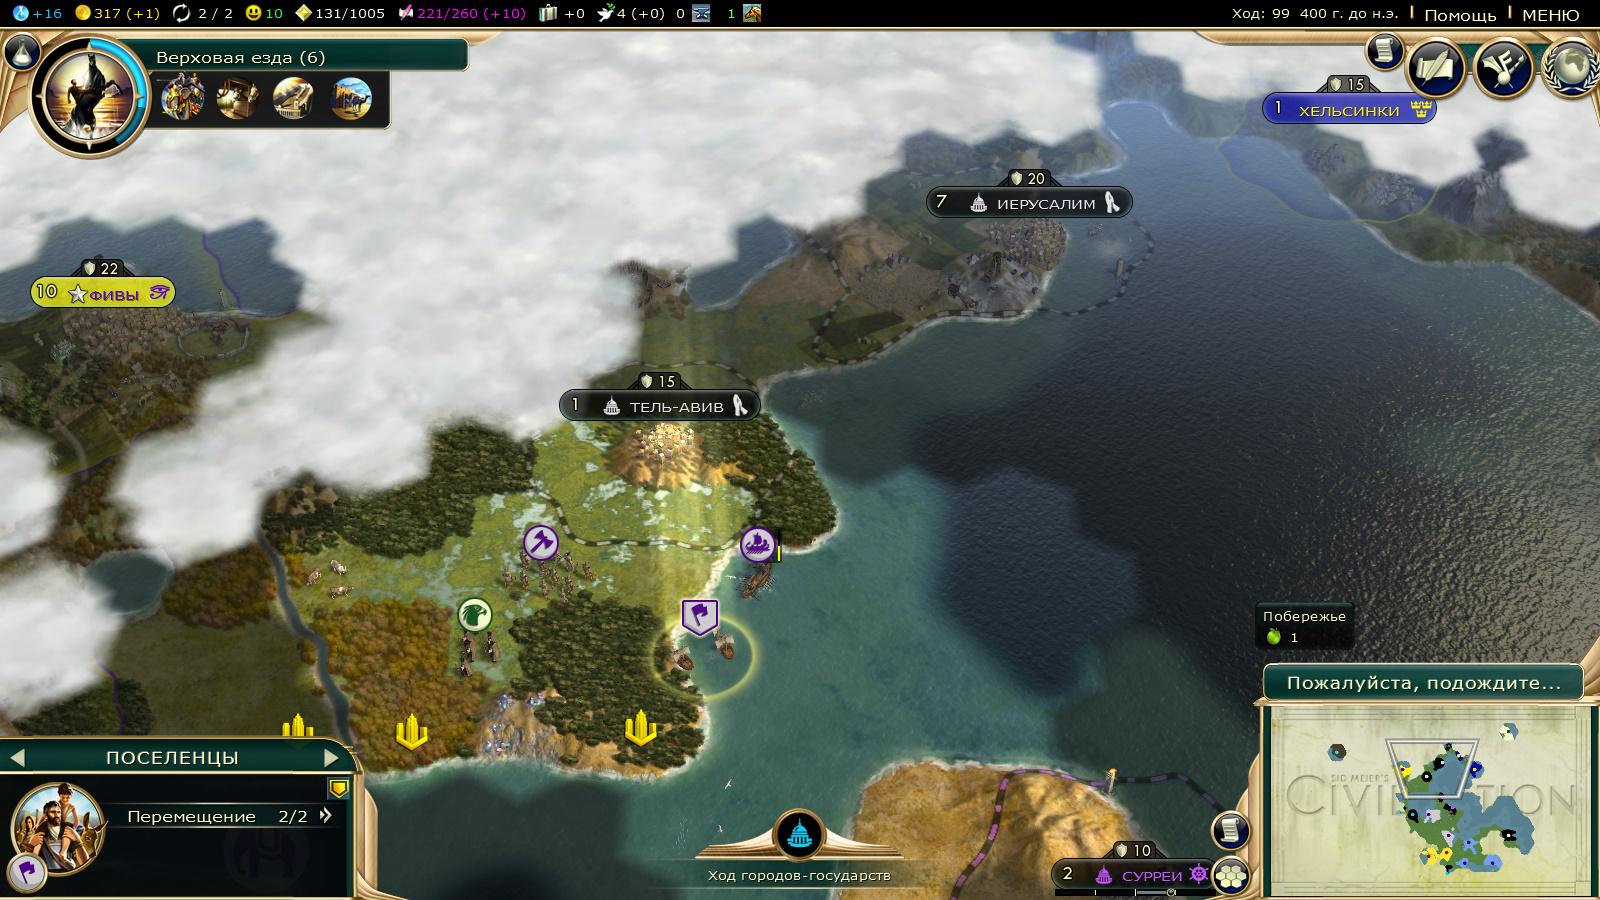 Увы, Израиль успел занять эти земли быстрее нас - Sid Meier's Civilization 5 Моды